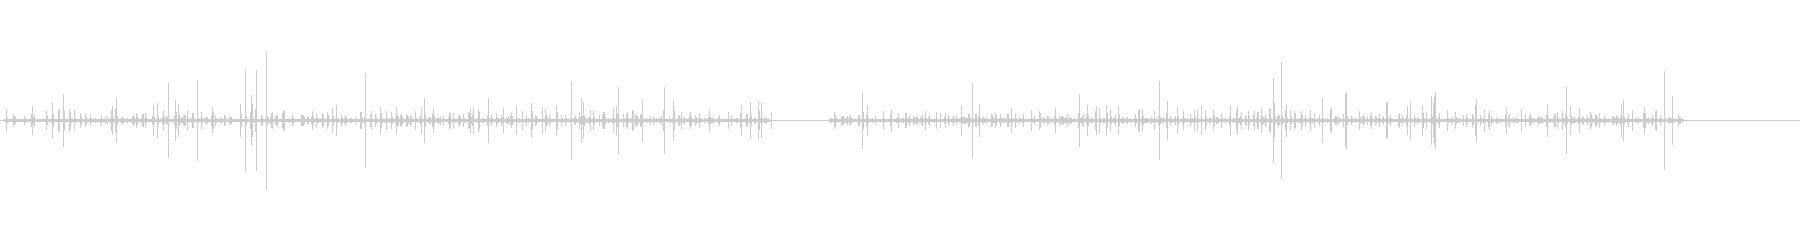 ステップ-動物-小-人工-2バージョンの未再生の波形